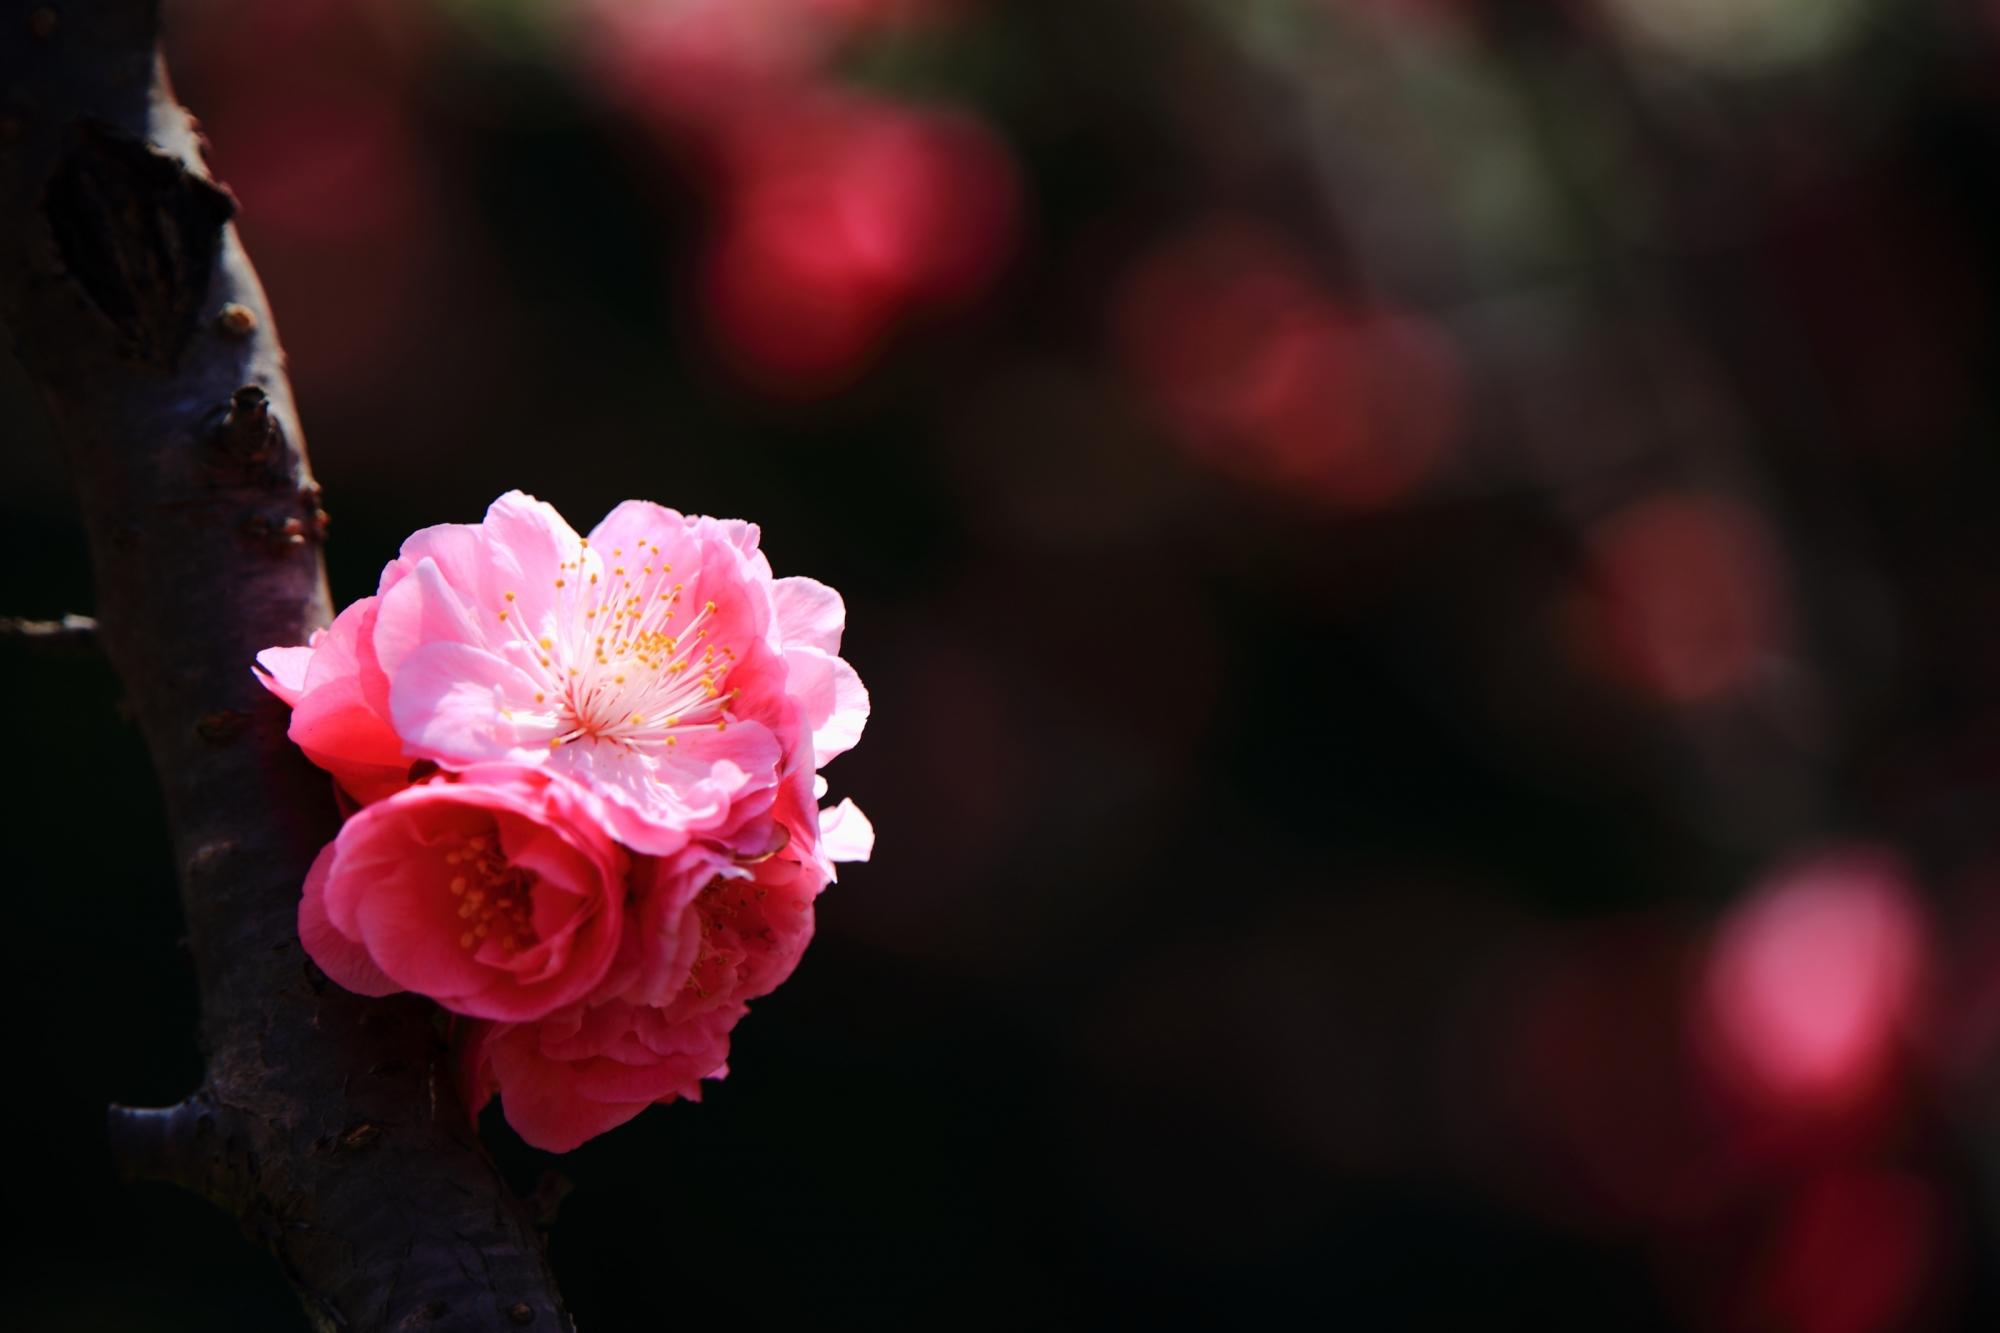 モコモコと咲く梅の花